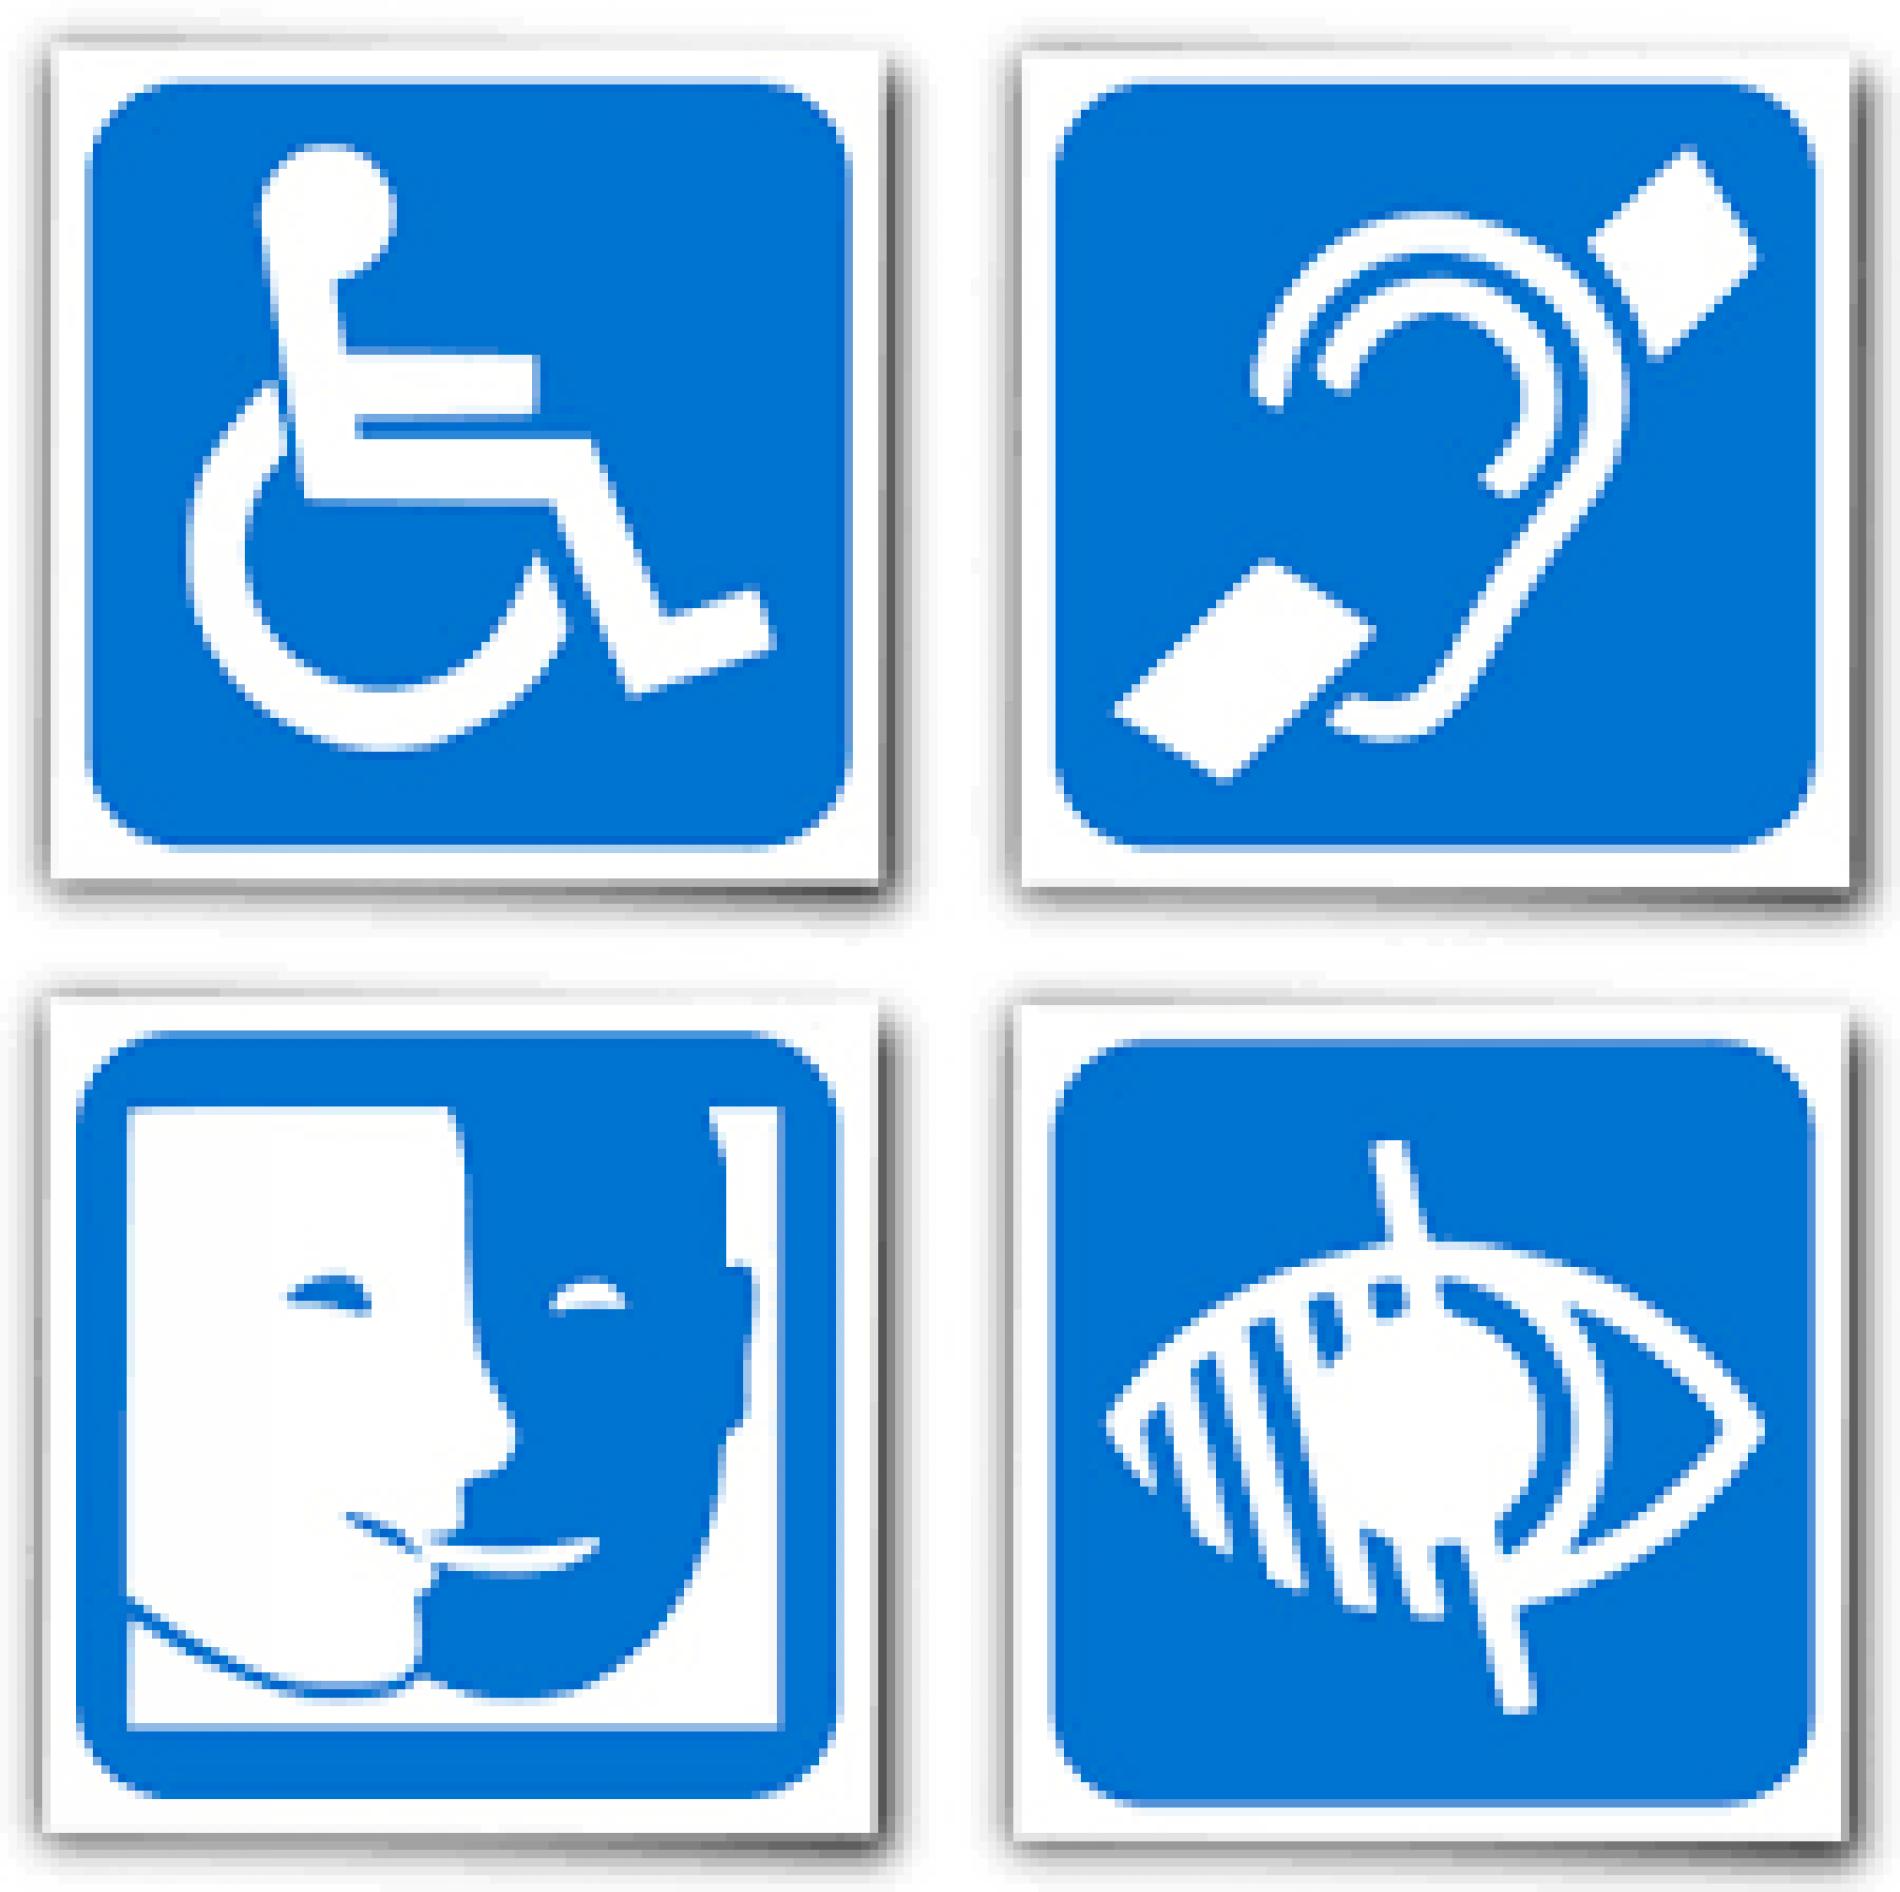 Accueil aux personnes en situation de handicap